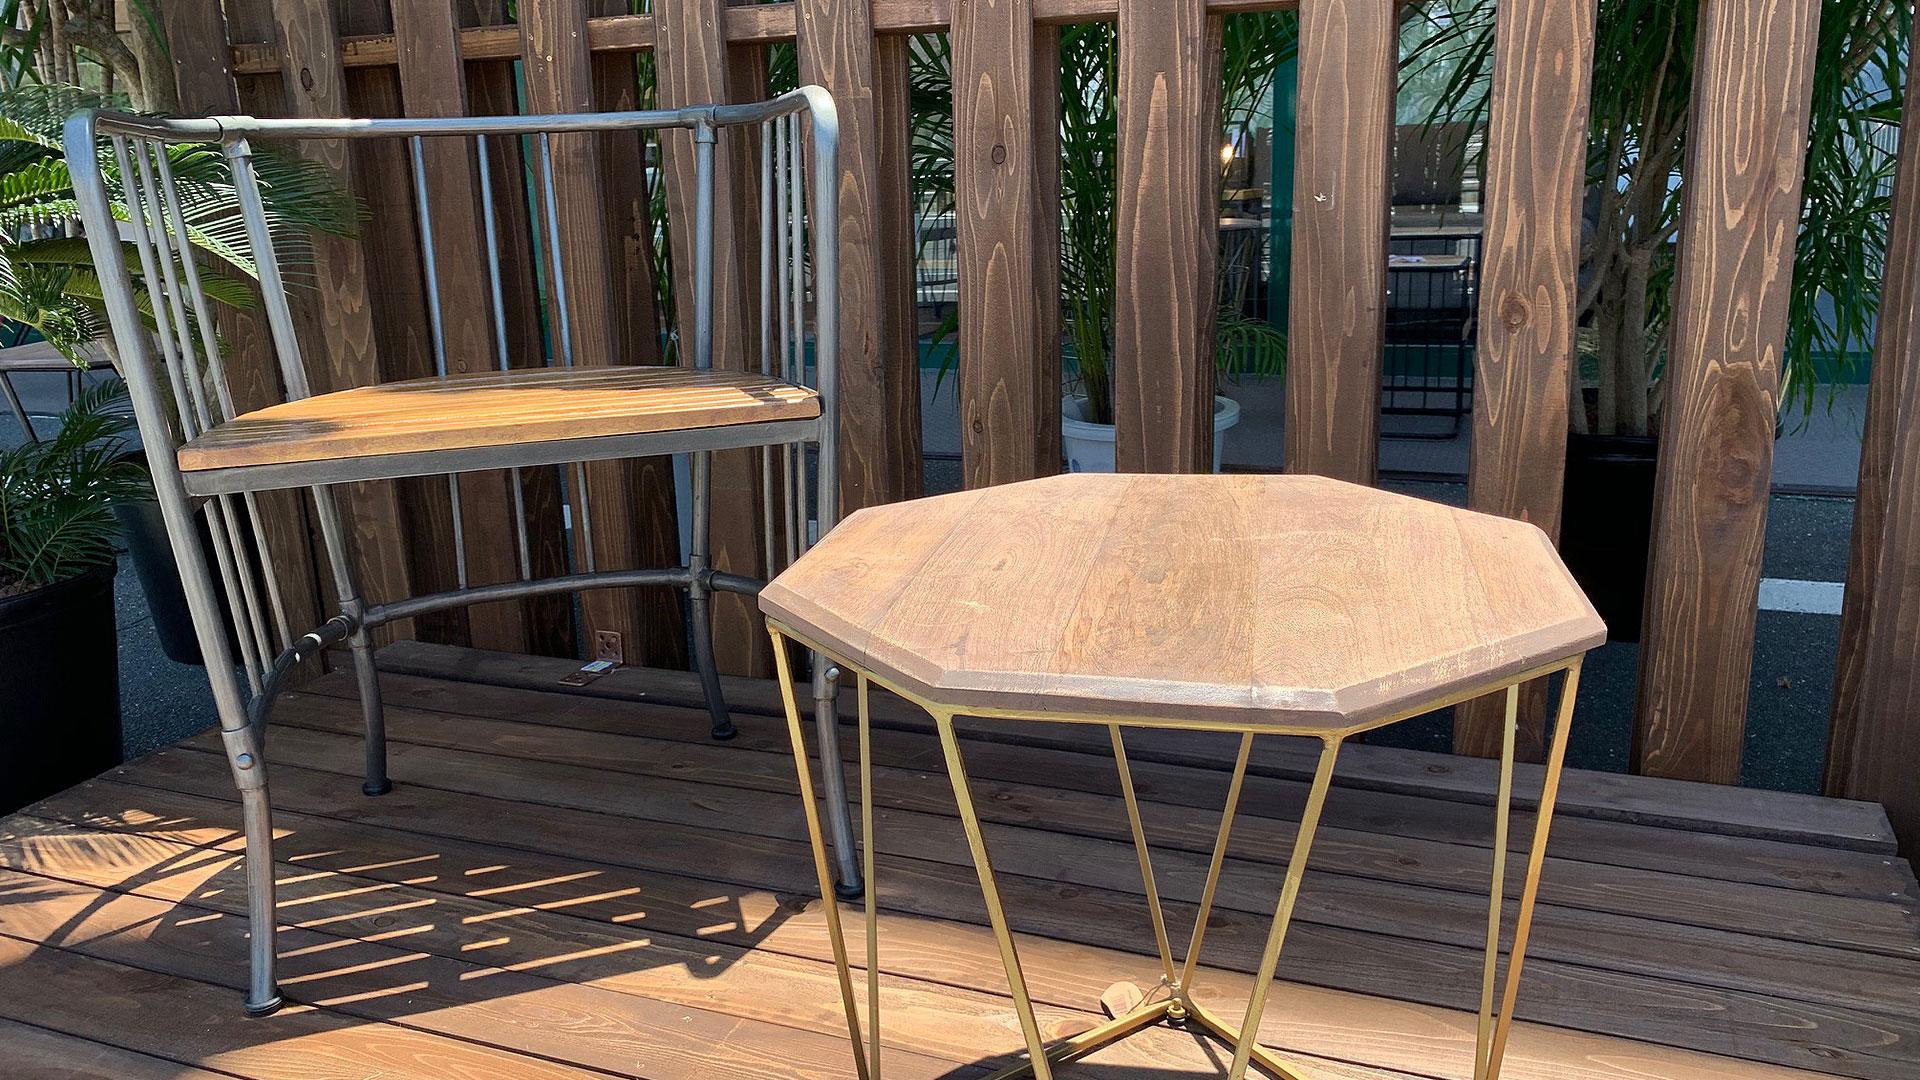 外用の家具。椅子とテーブル